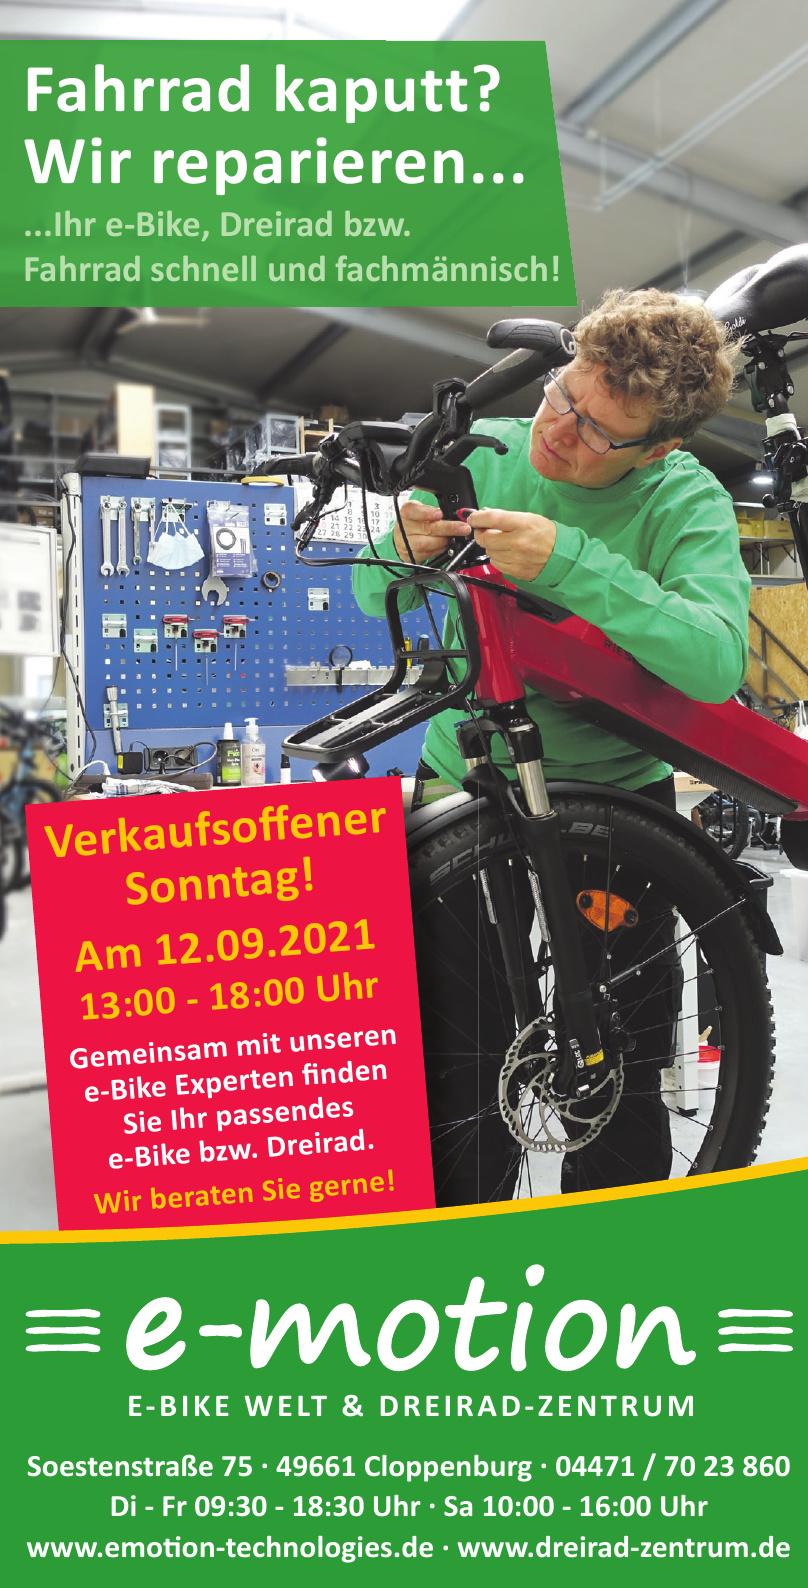 e-motion E-bike Welt & Dreirad-Zentrum